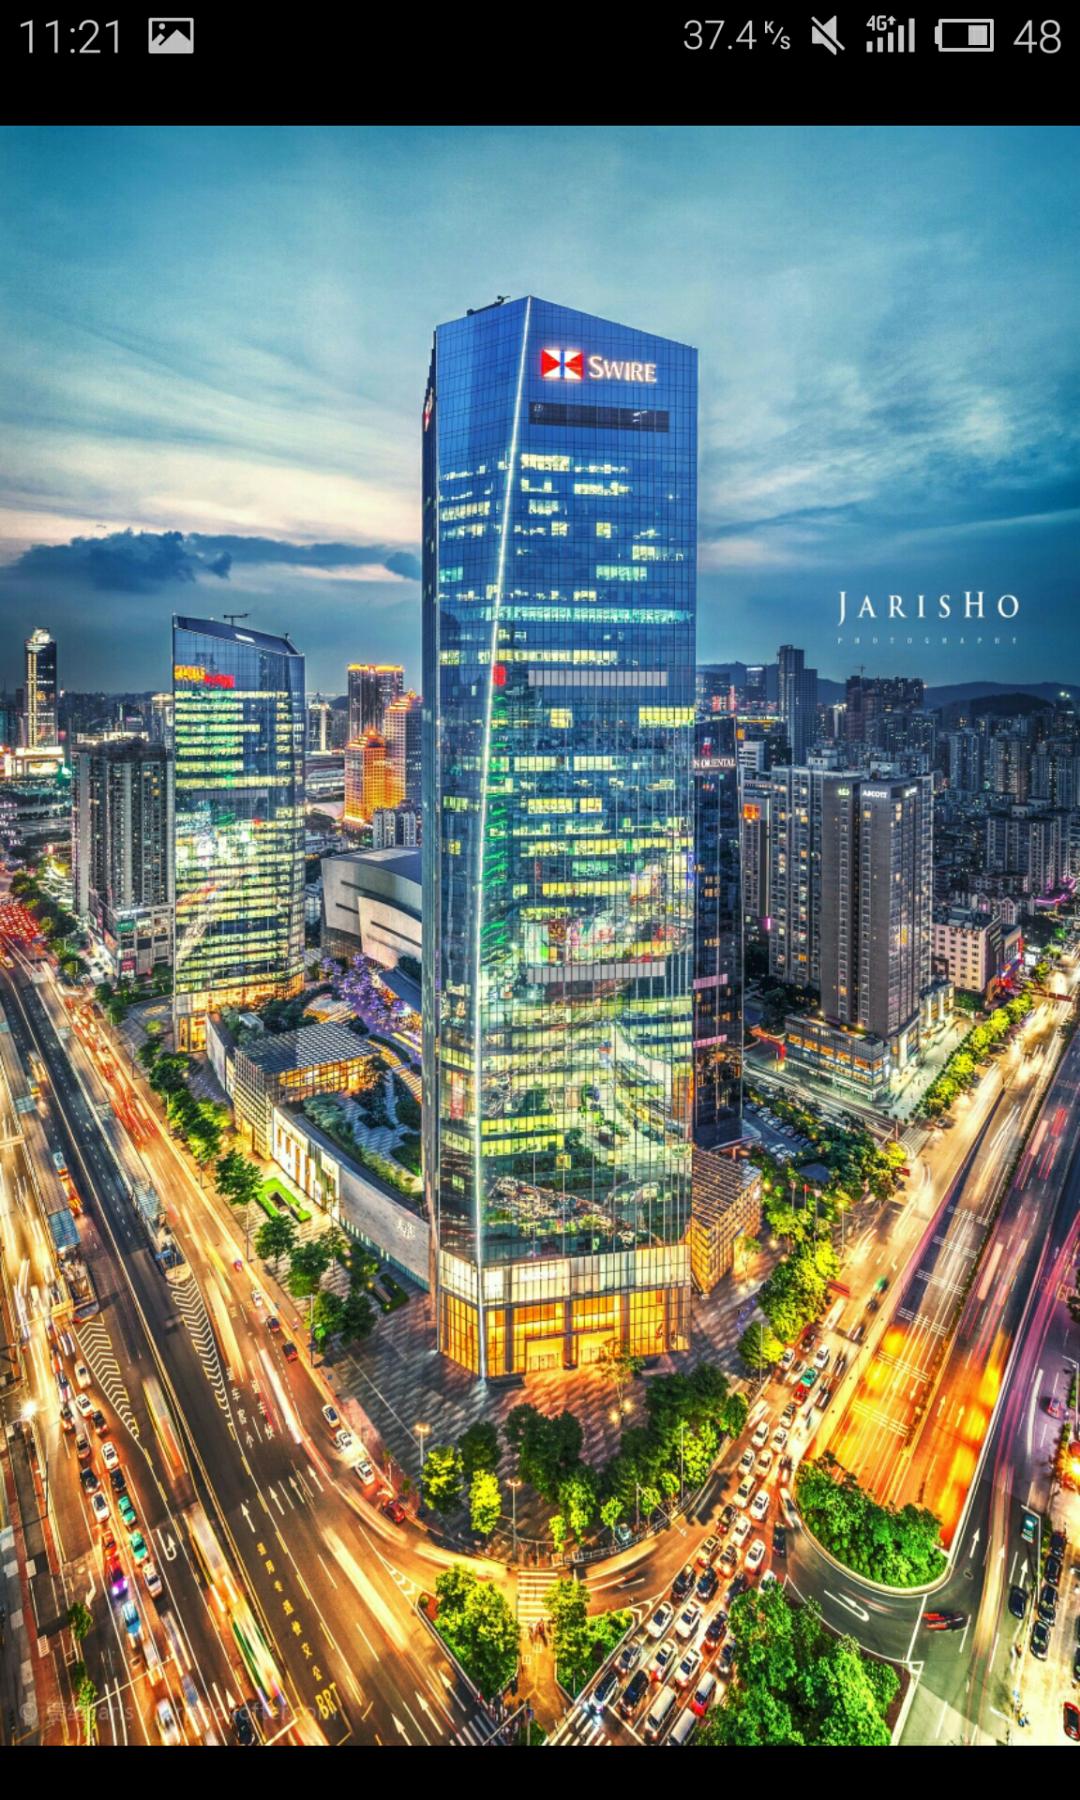 广州天河城广场_广州有哪些比较大型的商场? - 知乎